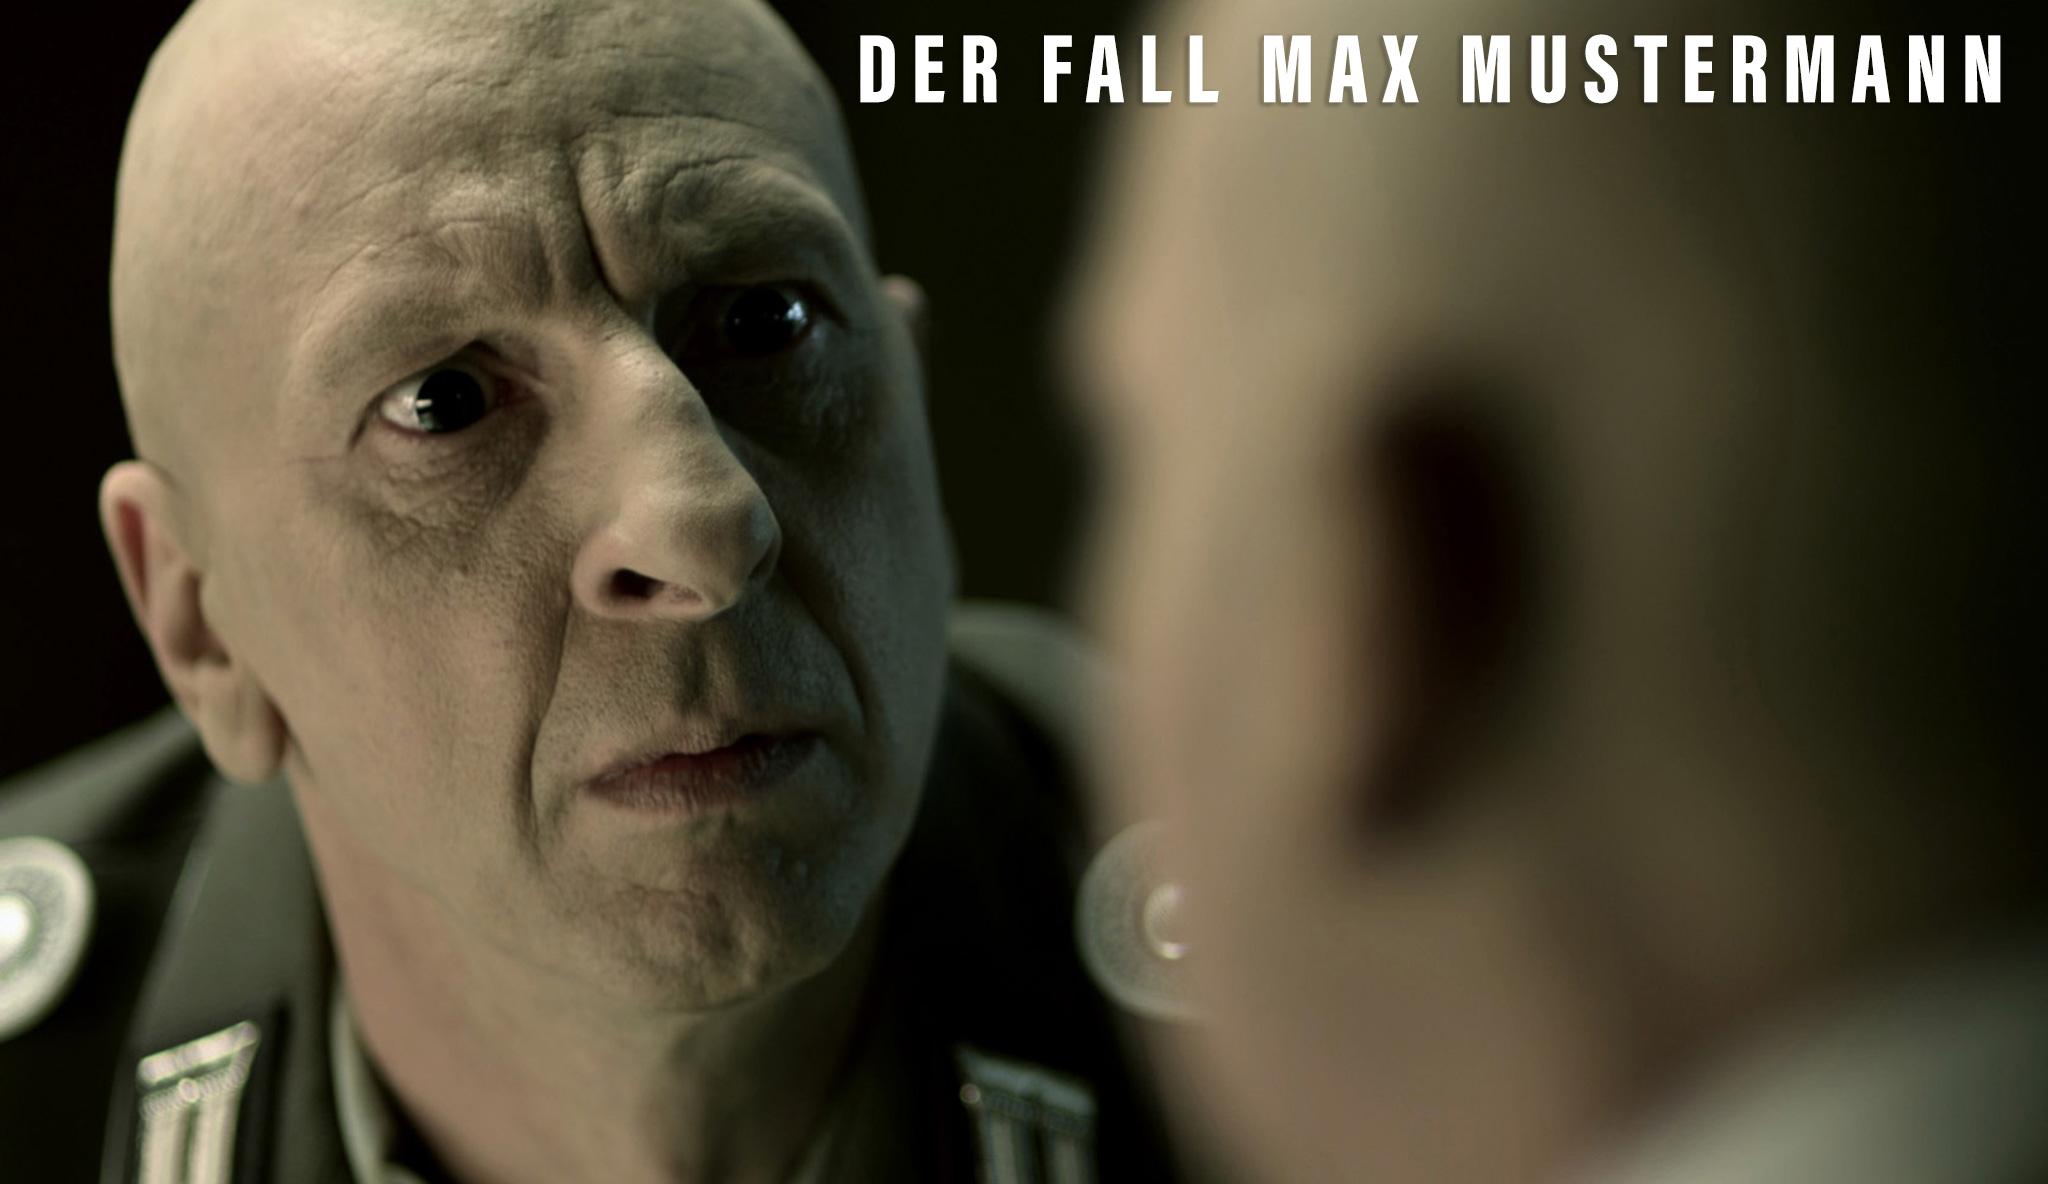 der-fall-max-mustermann\header.jpg